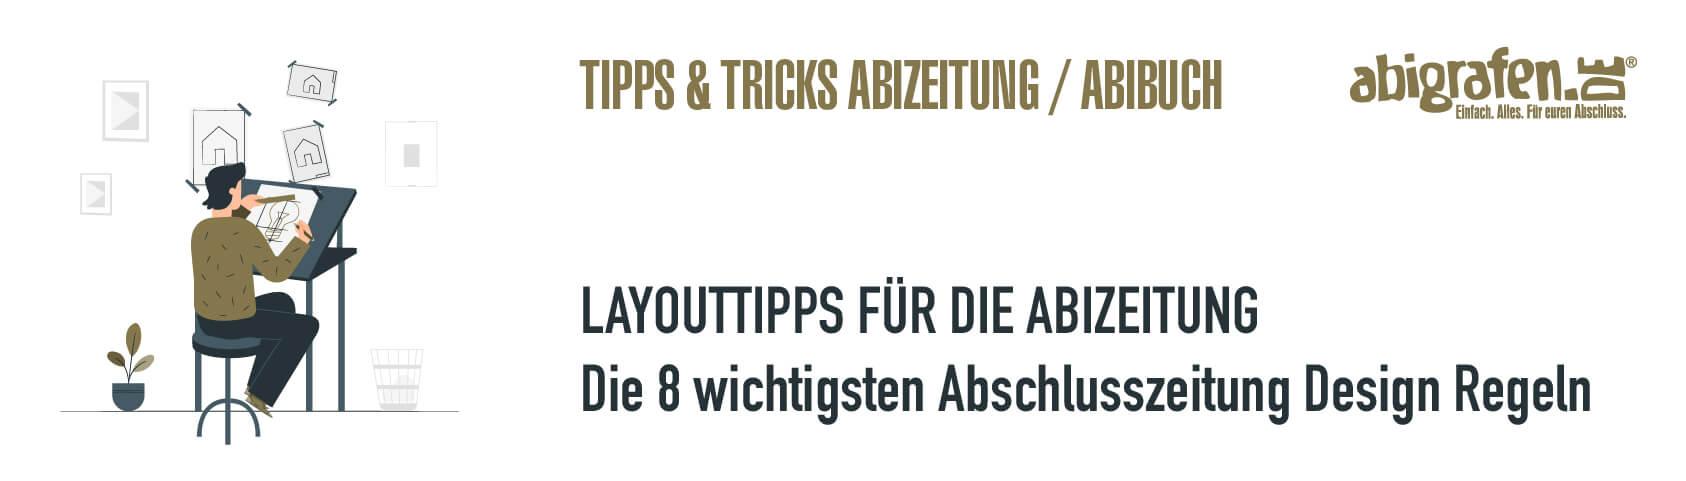 abigrafen-abizeitung-tipps-und-tricks-layout-designregeln